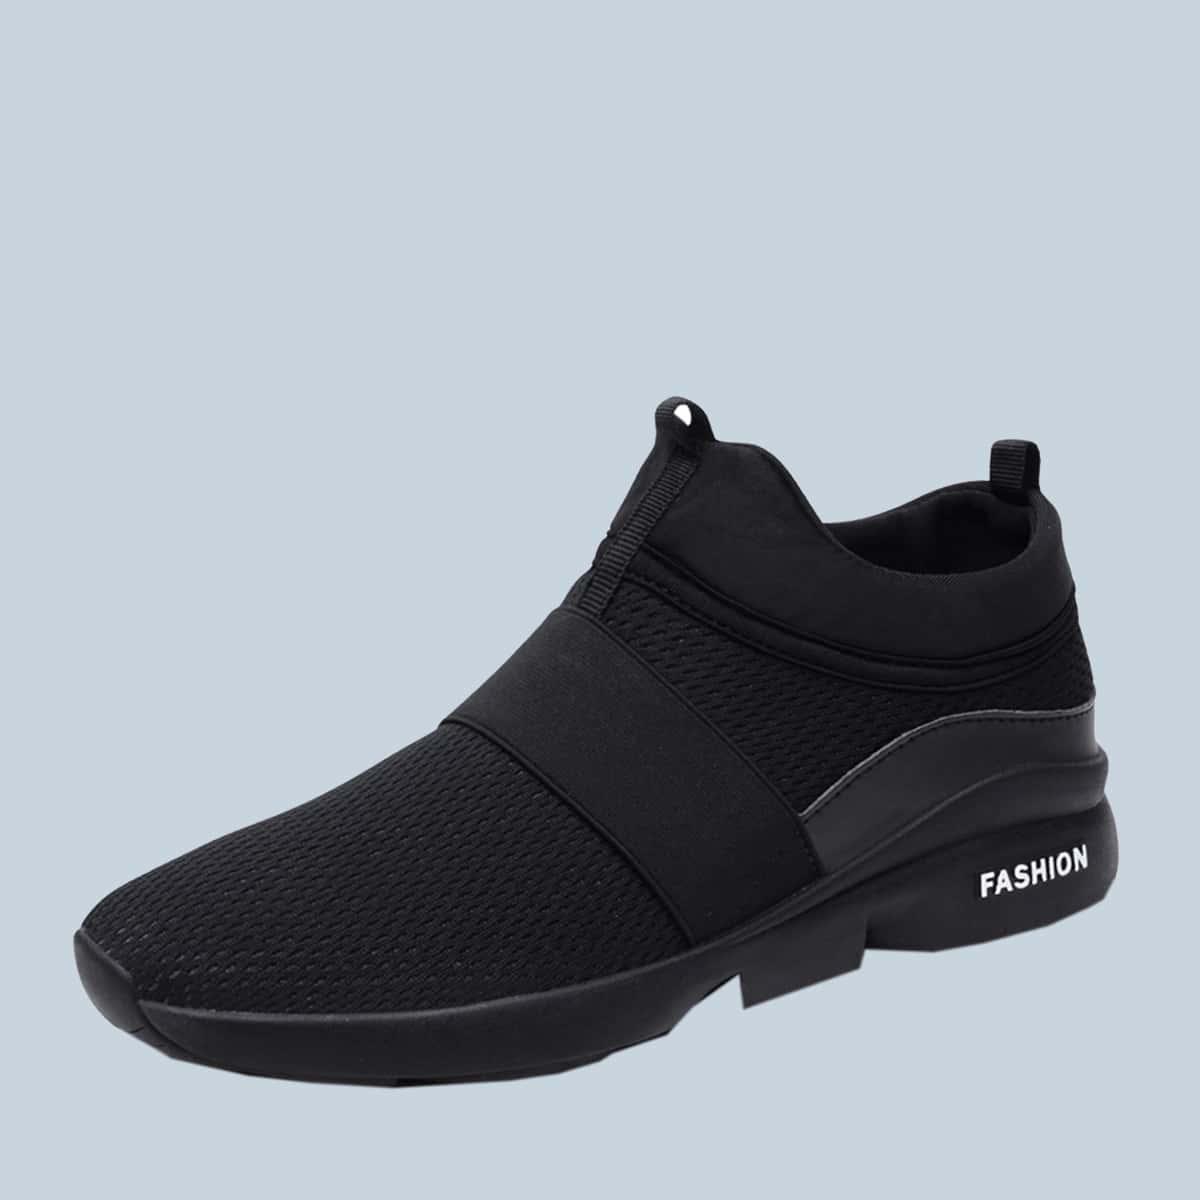 SHEIN / Zapatos deportivos para hombre Liso